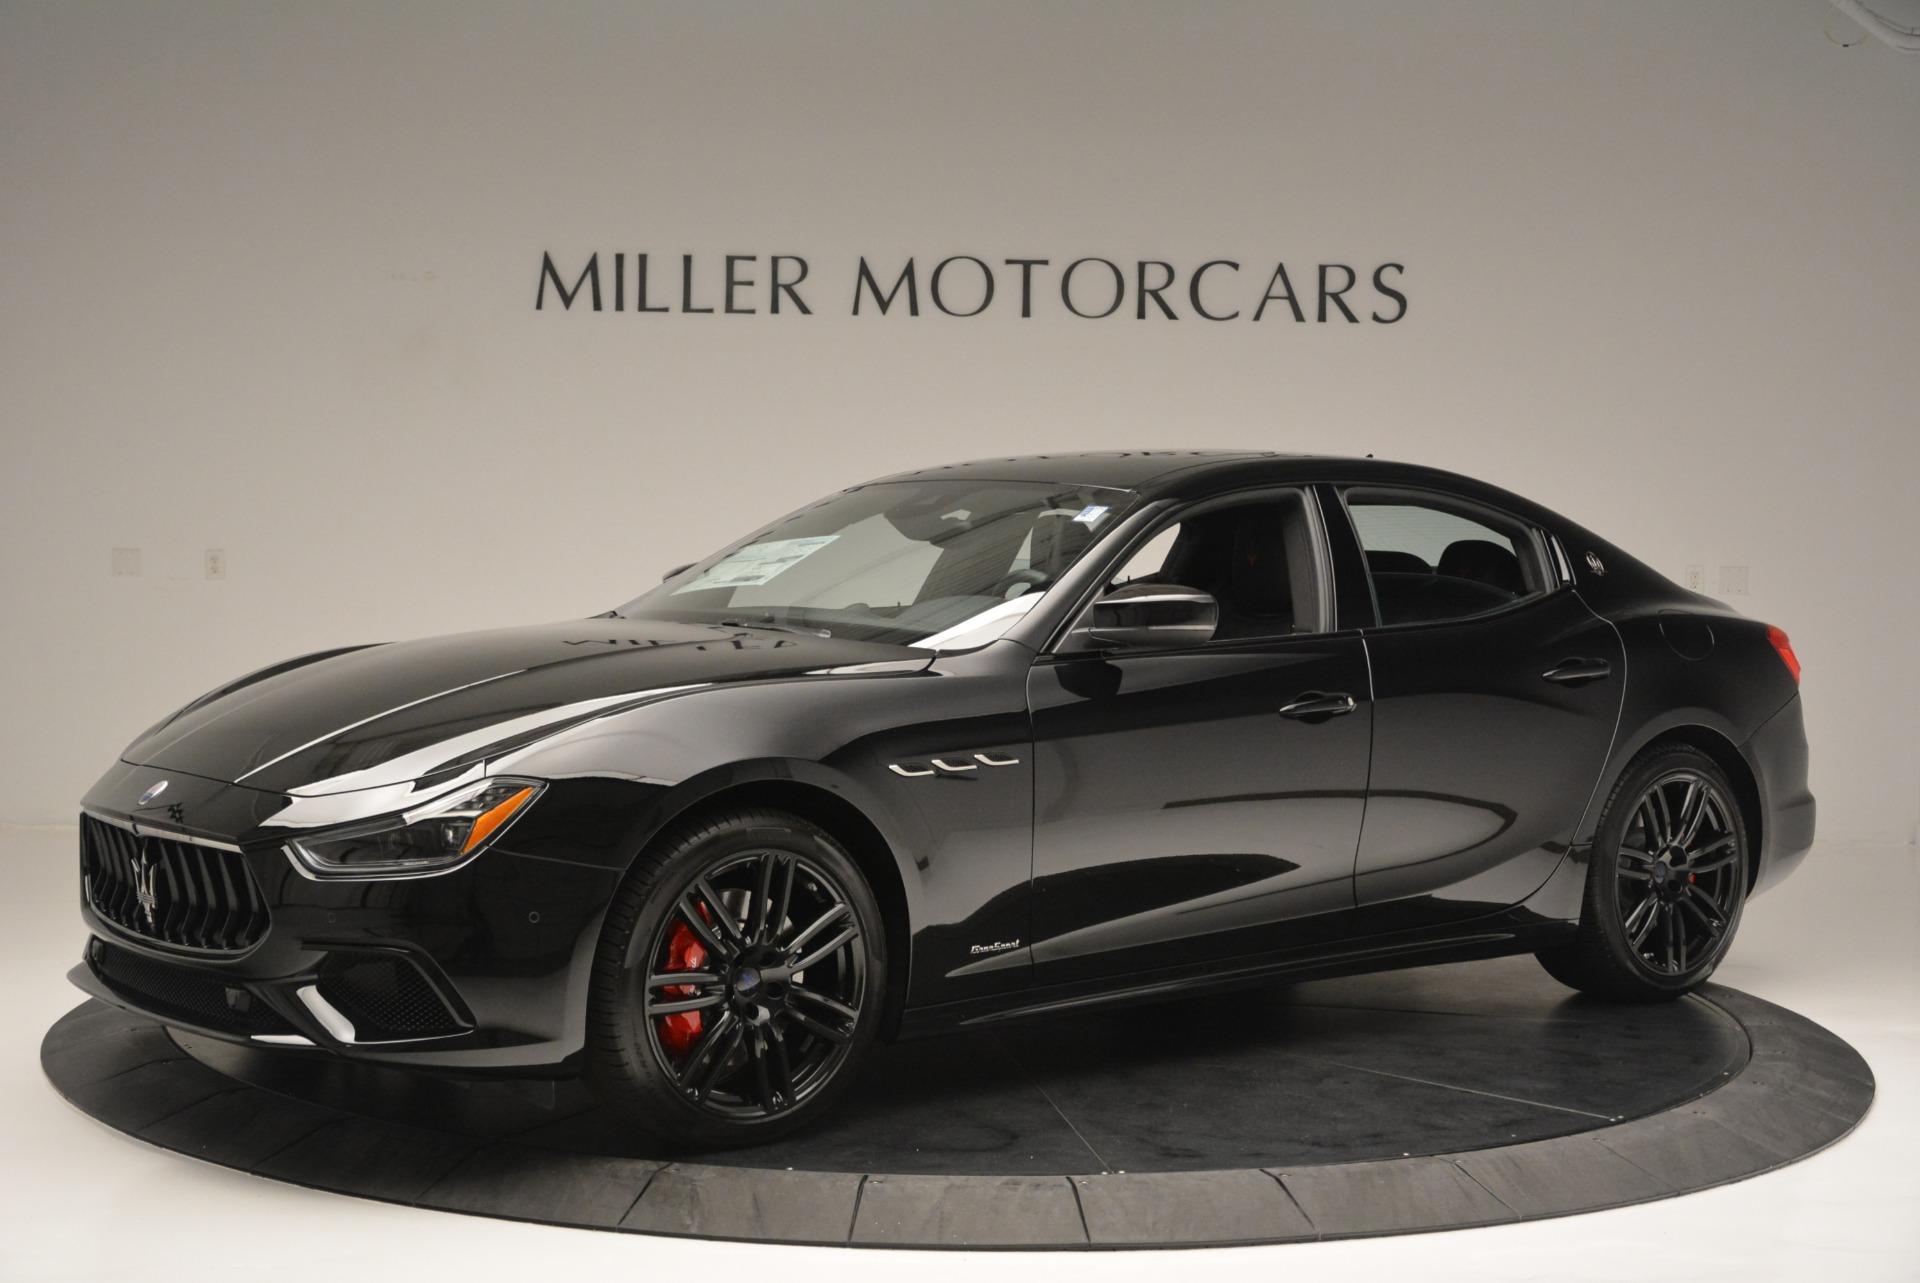 New 2018 Maserati Ghibli SQ4 GranSport Nerissimo For Sale In Greenwich, CT. Alfa Romeo of Greenwich, M2173 2368_p2